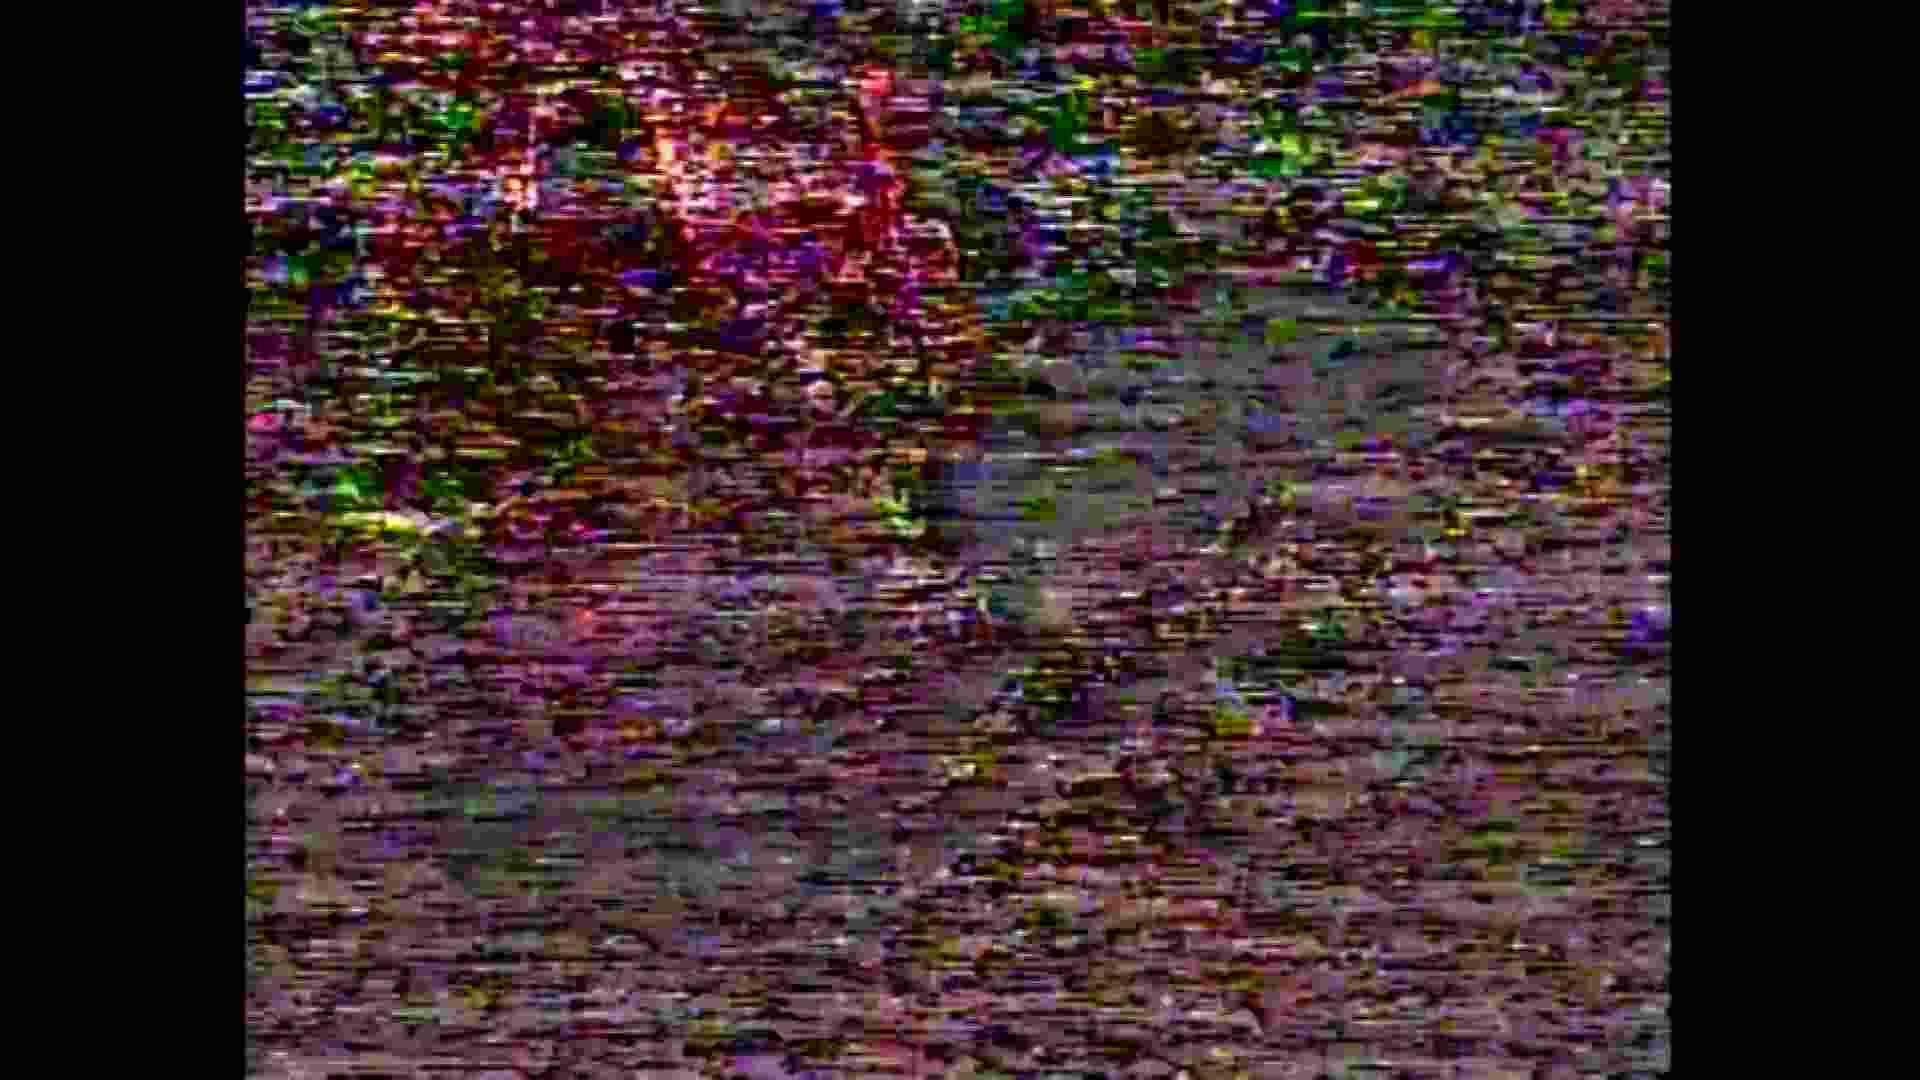 レース場での秘め事 Vol.15 ギャル  102pic 34